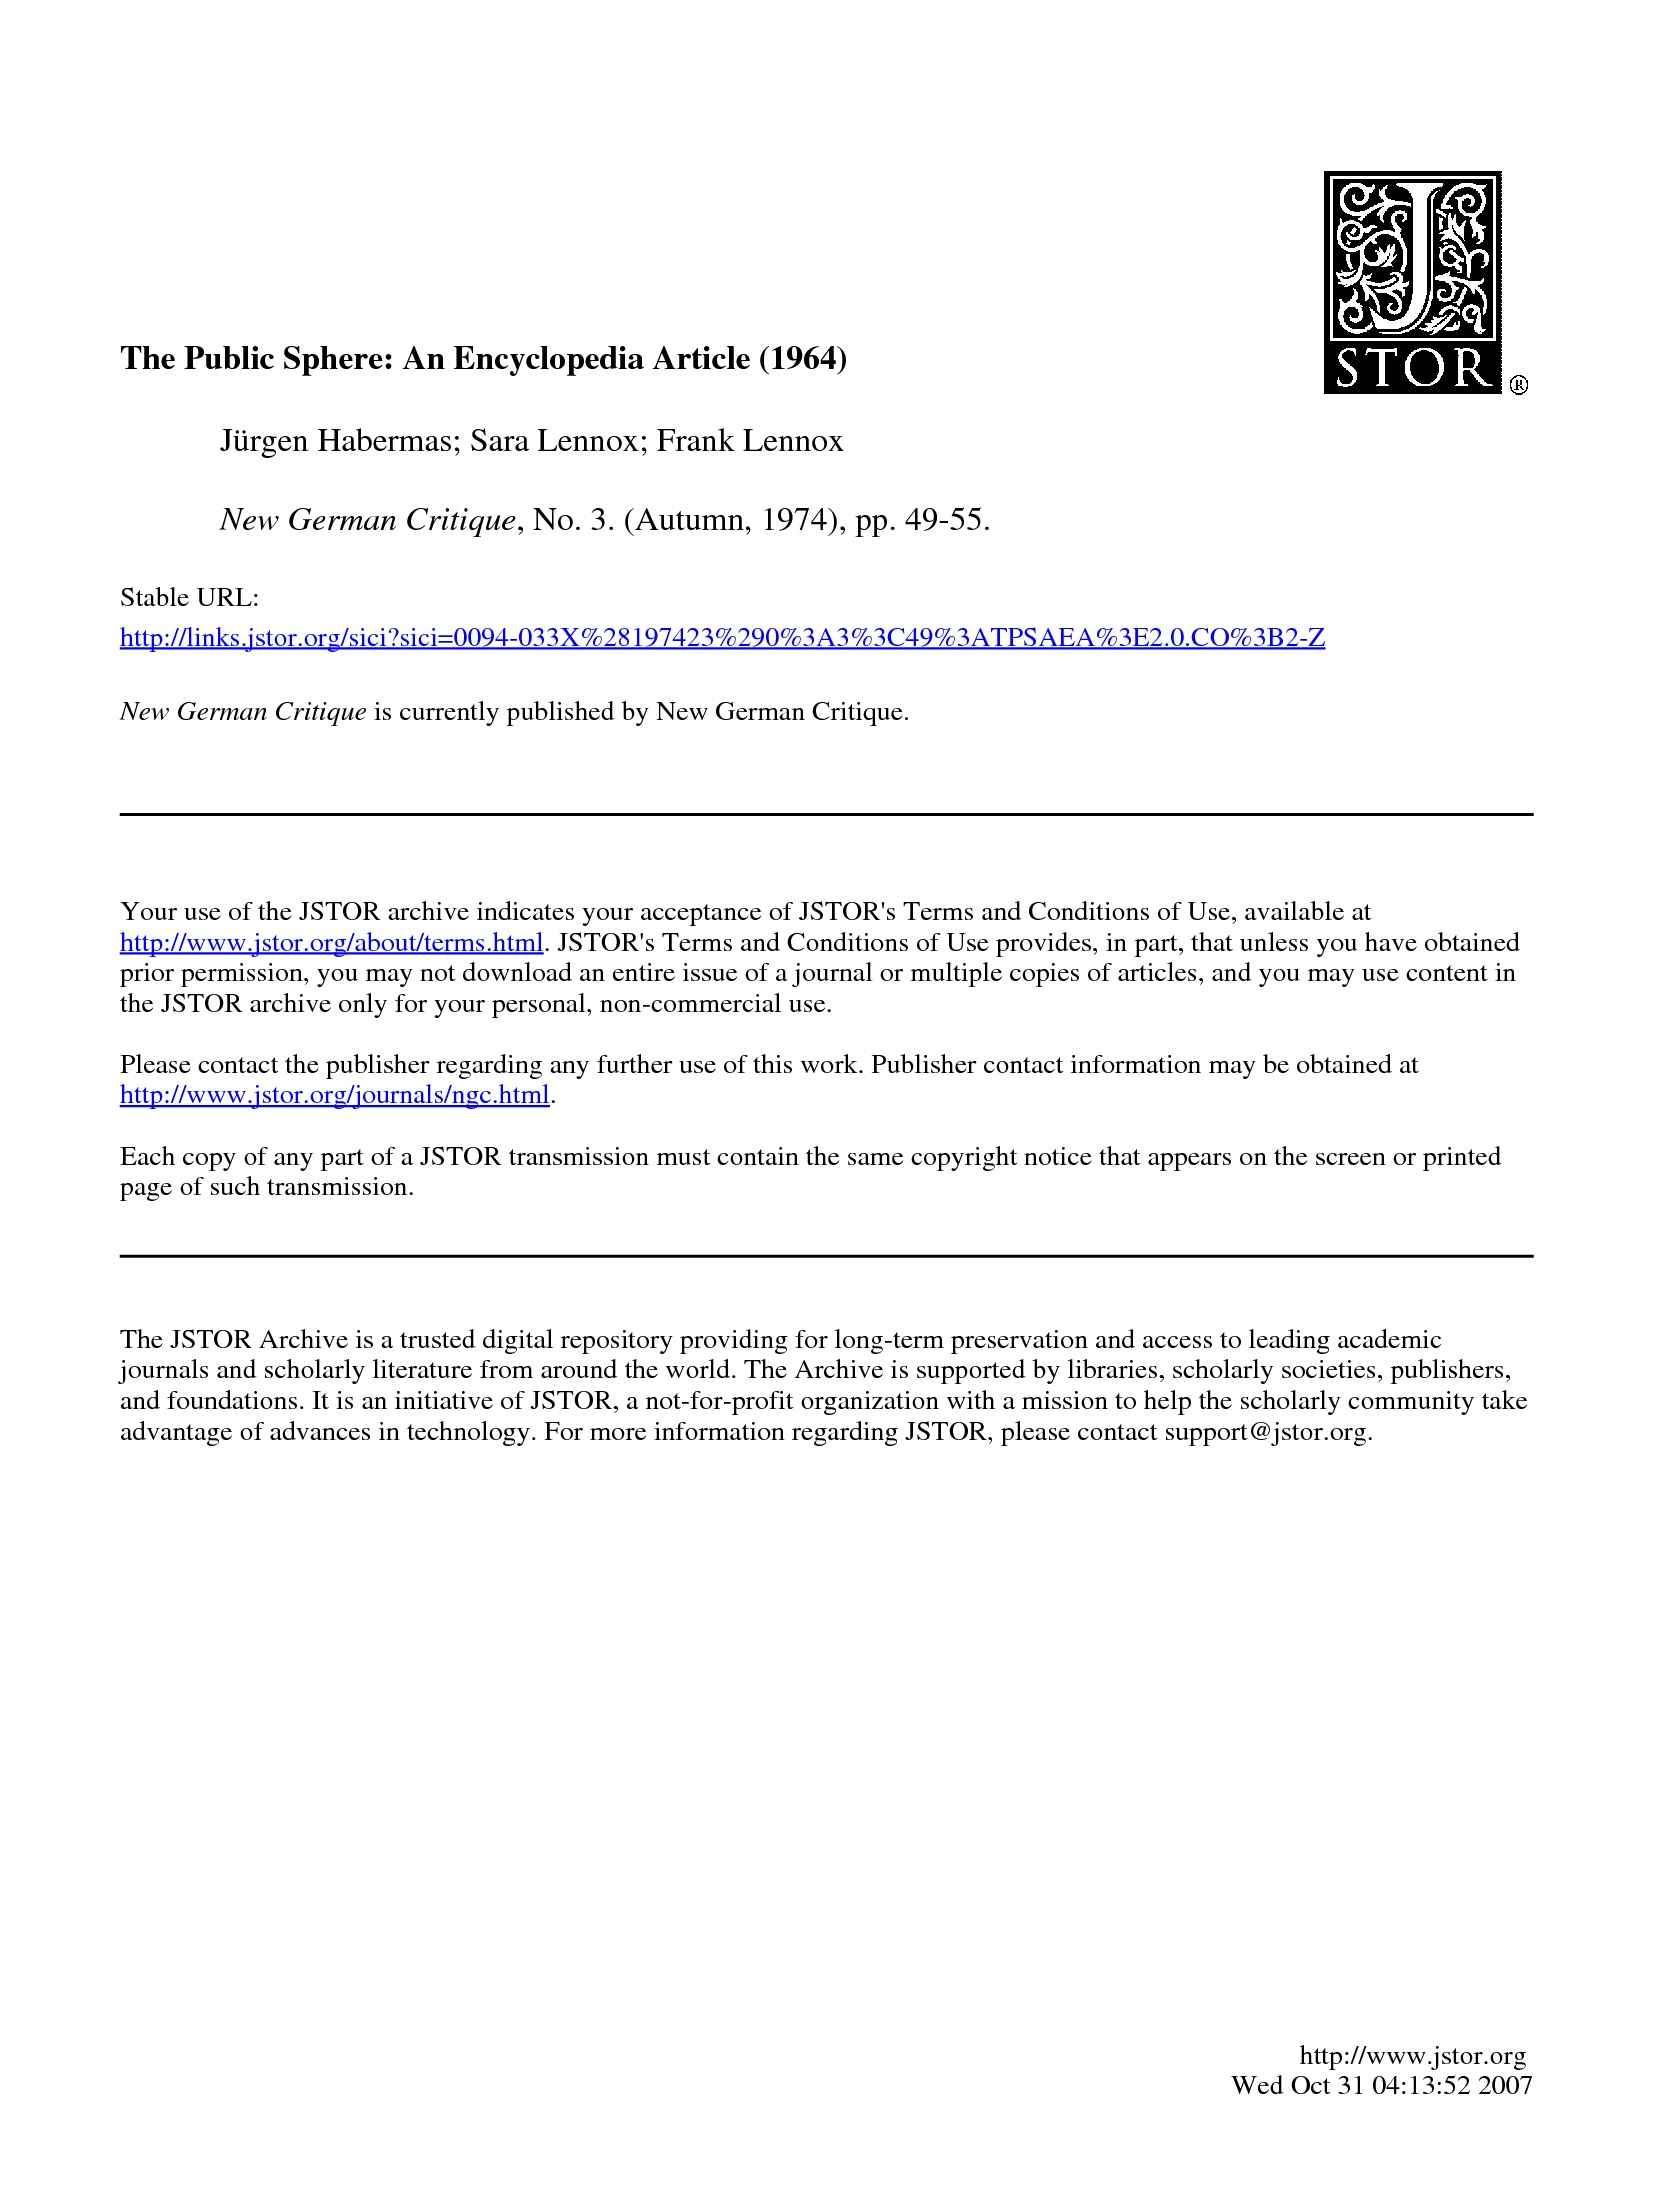 dispensa M. Barisone Analisi dell'opinione pubblica